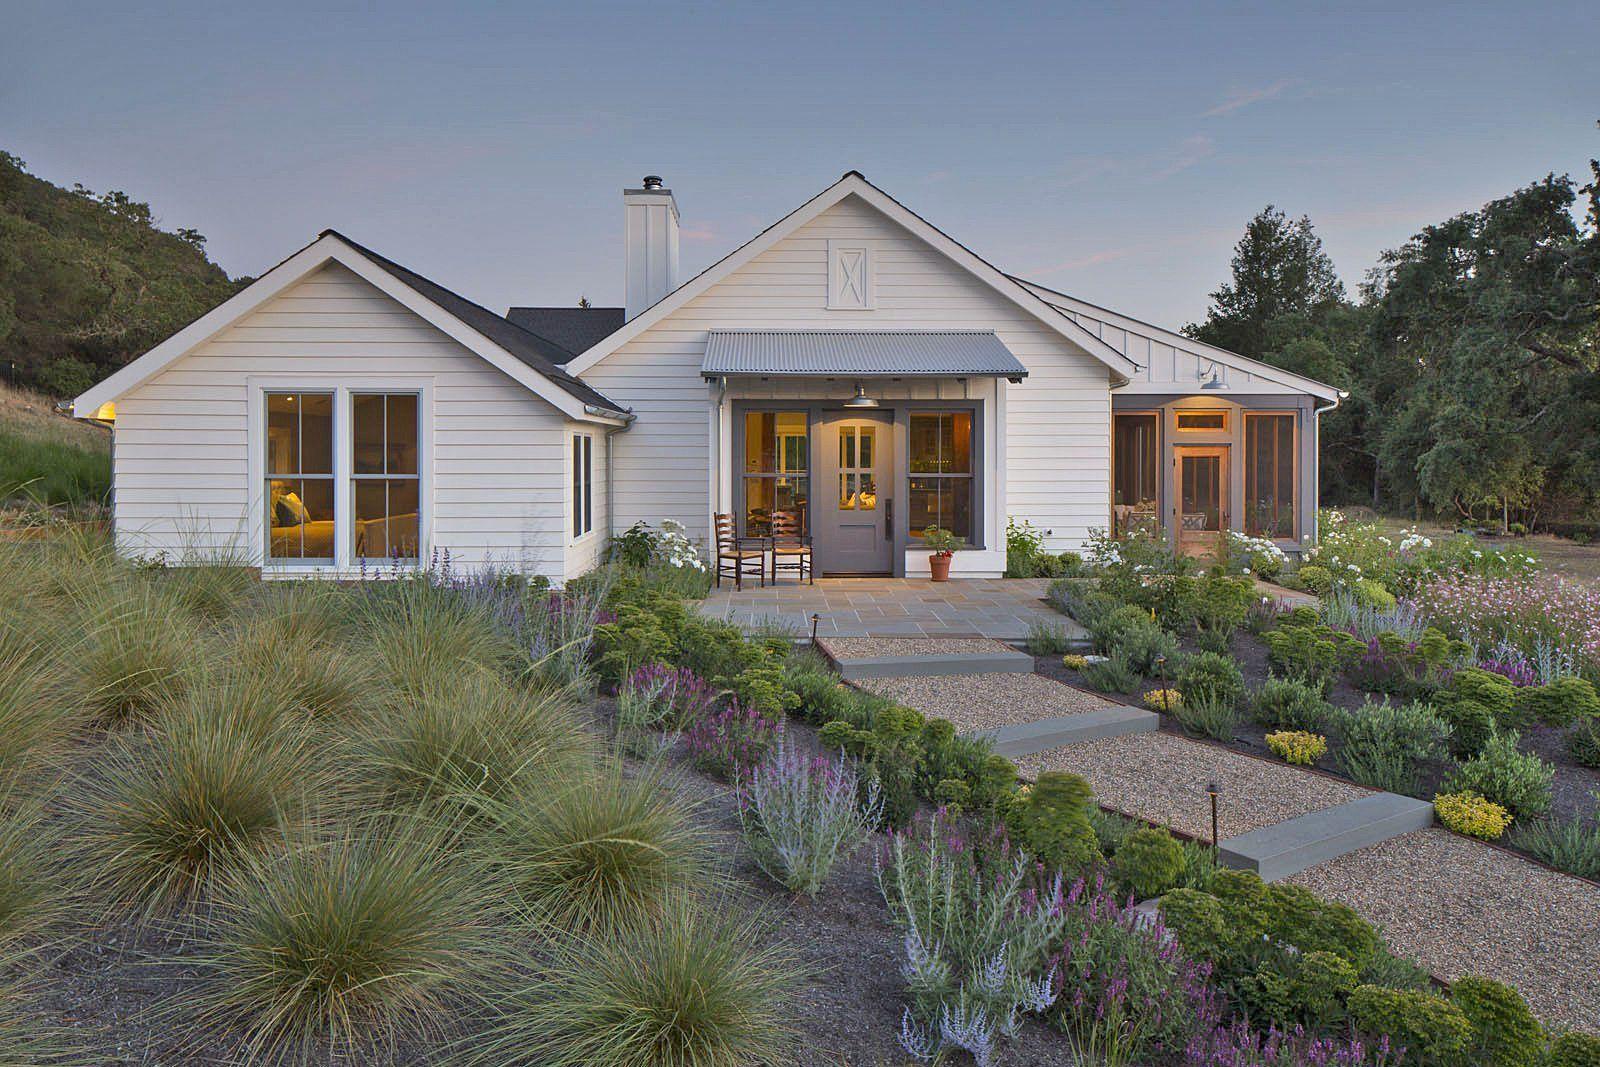 Image Result For Modern Farmhouse White Drought Tolerant Landscaping Farmhouse Landscaping Farmhouse Exterior Modern Farmhouse Exterior